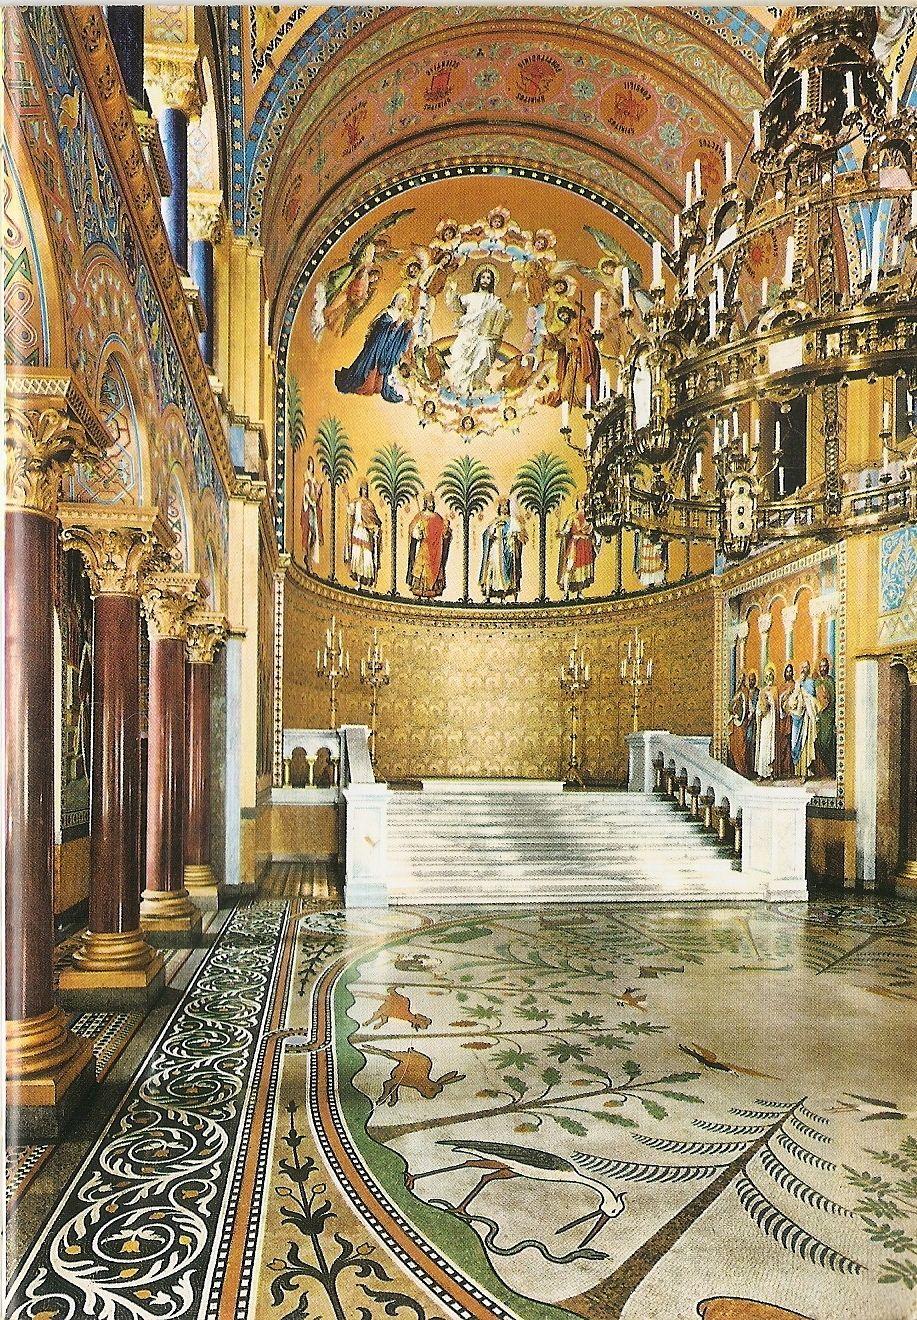 Neuschwanstein Throne Room Never Completed Germany Castles Neuschwanstein Castle Germany